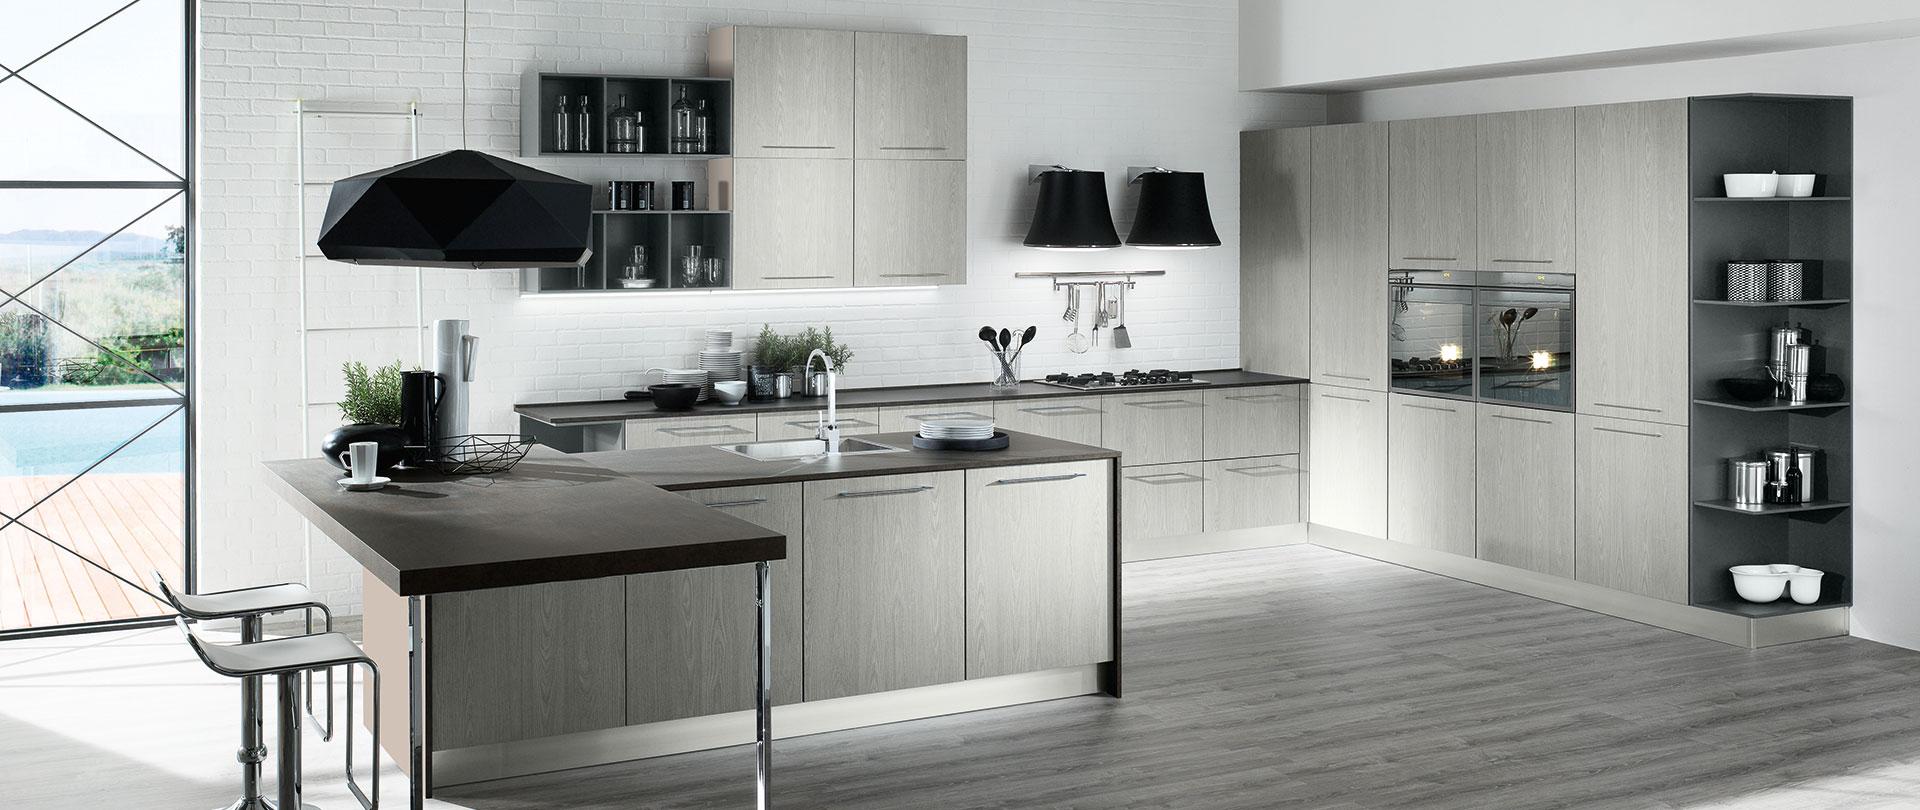 cucina-moderna-brio-frassino-grigio.jpg